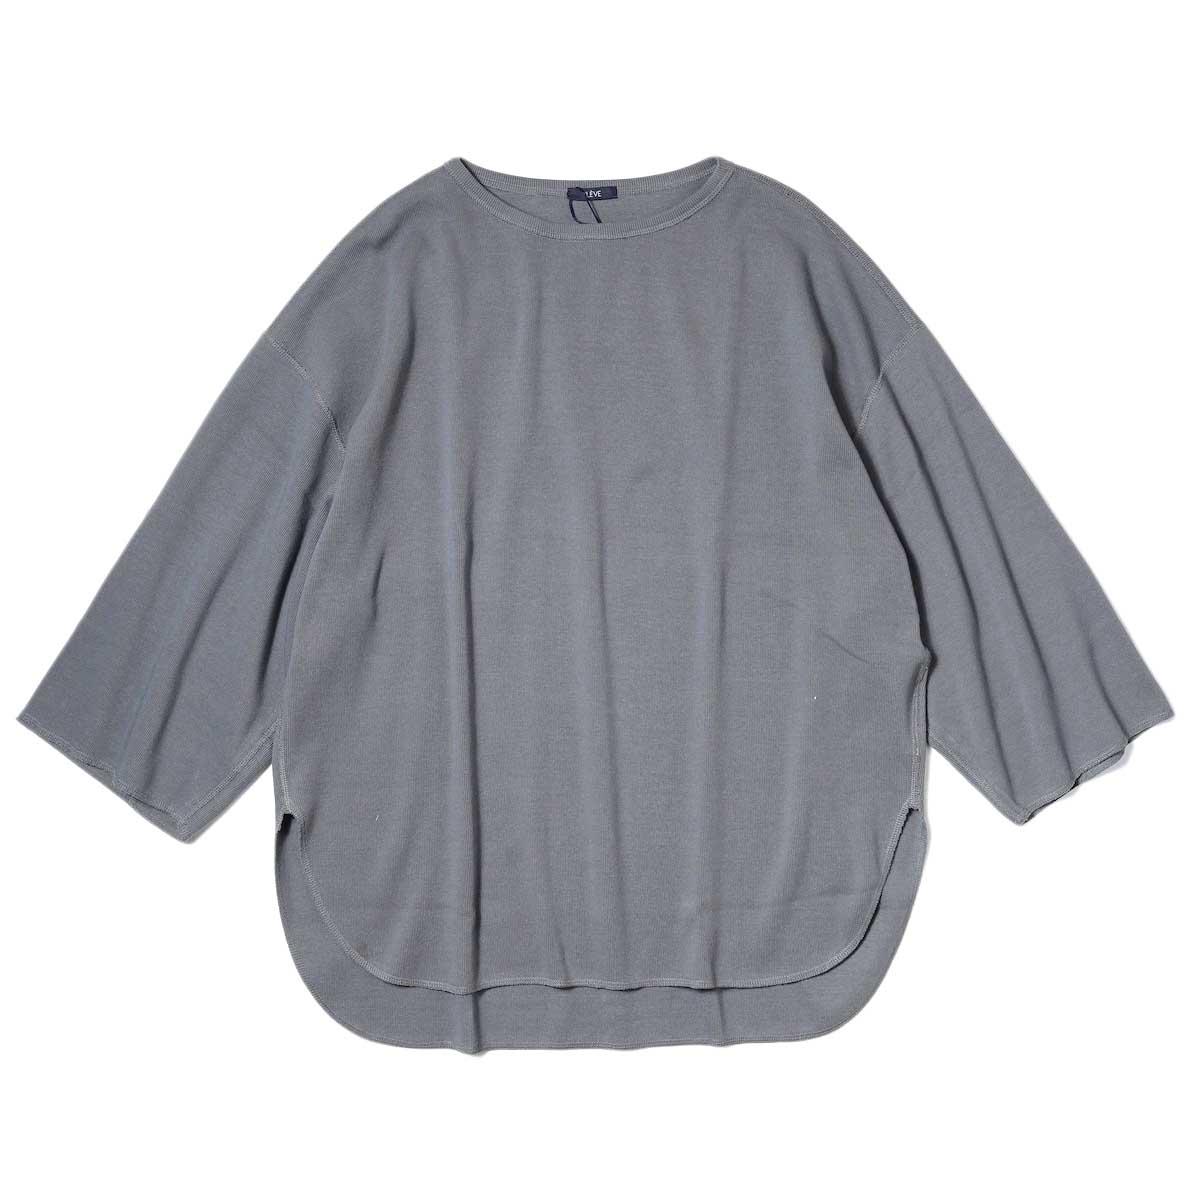 YLEVE / CTN RIB P/O BIG (Grey) 正面